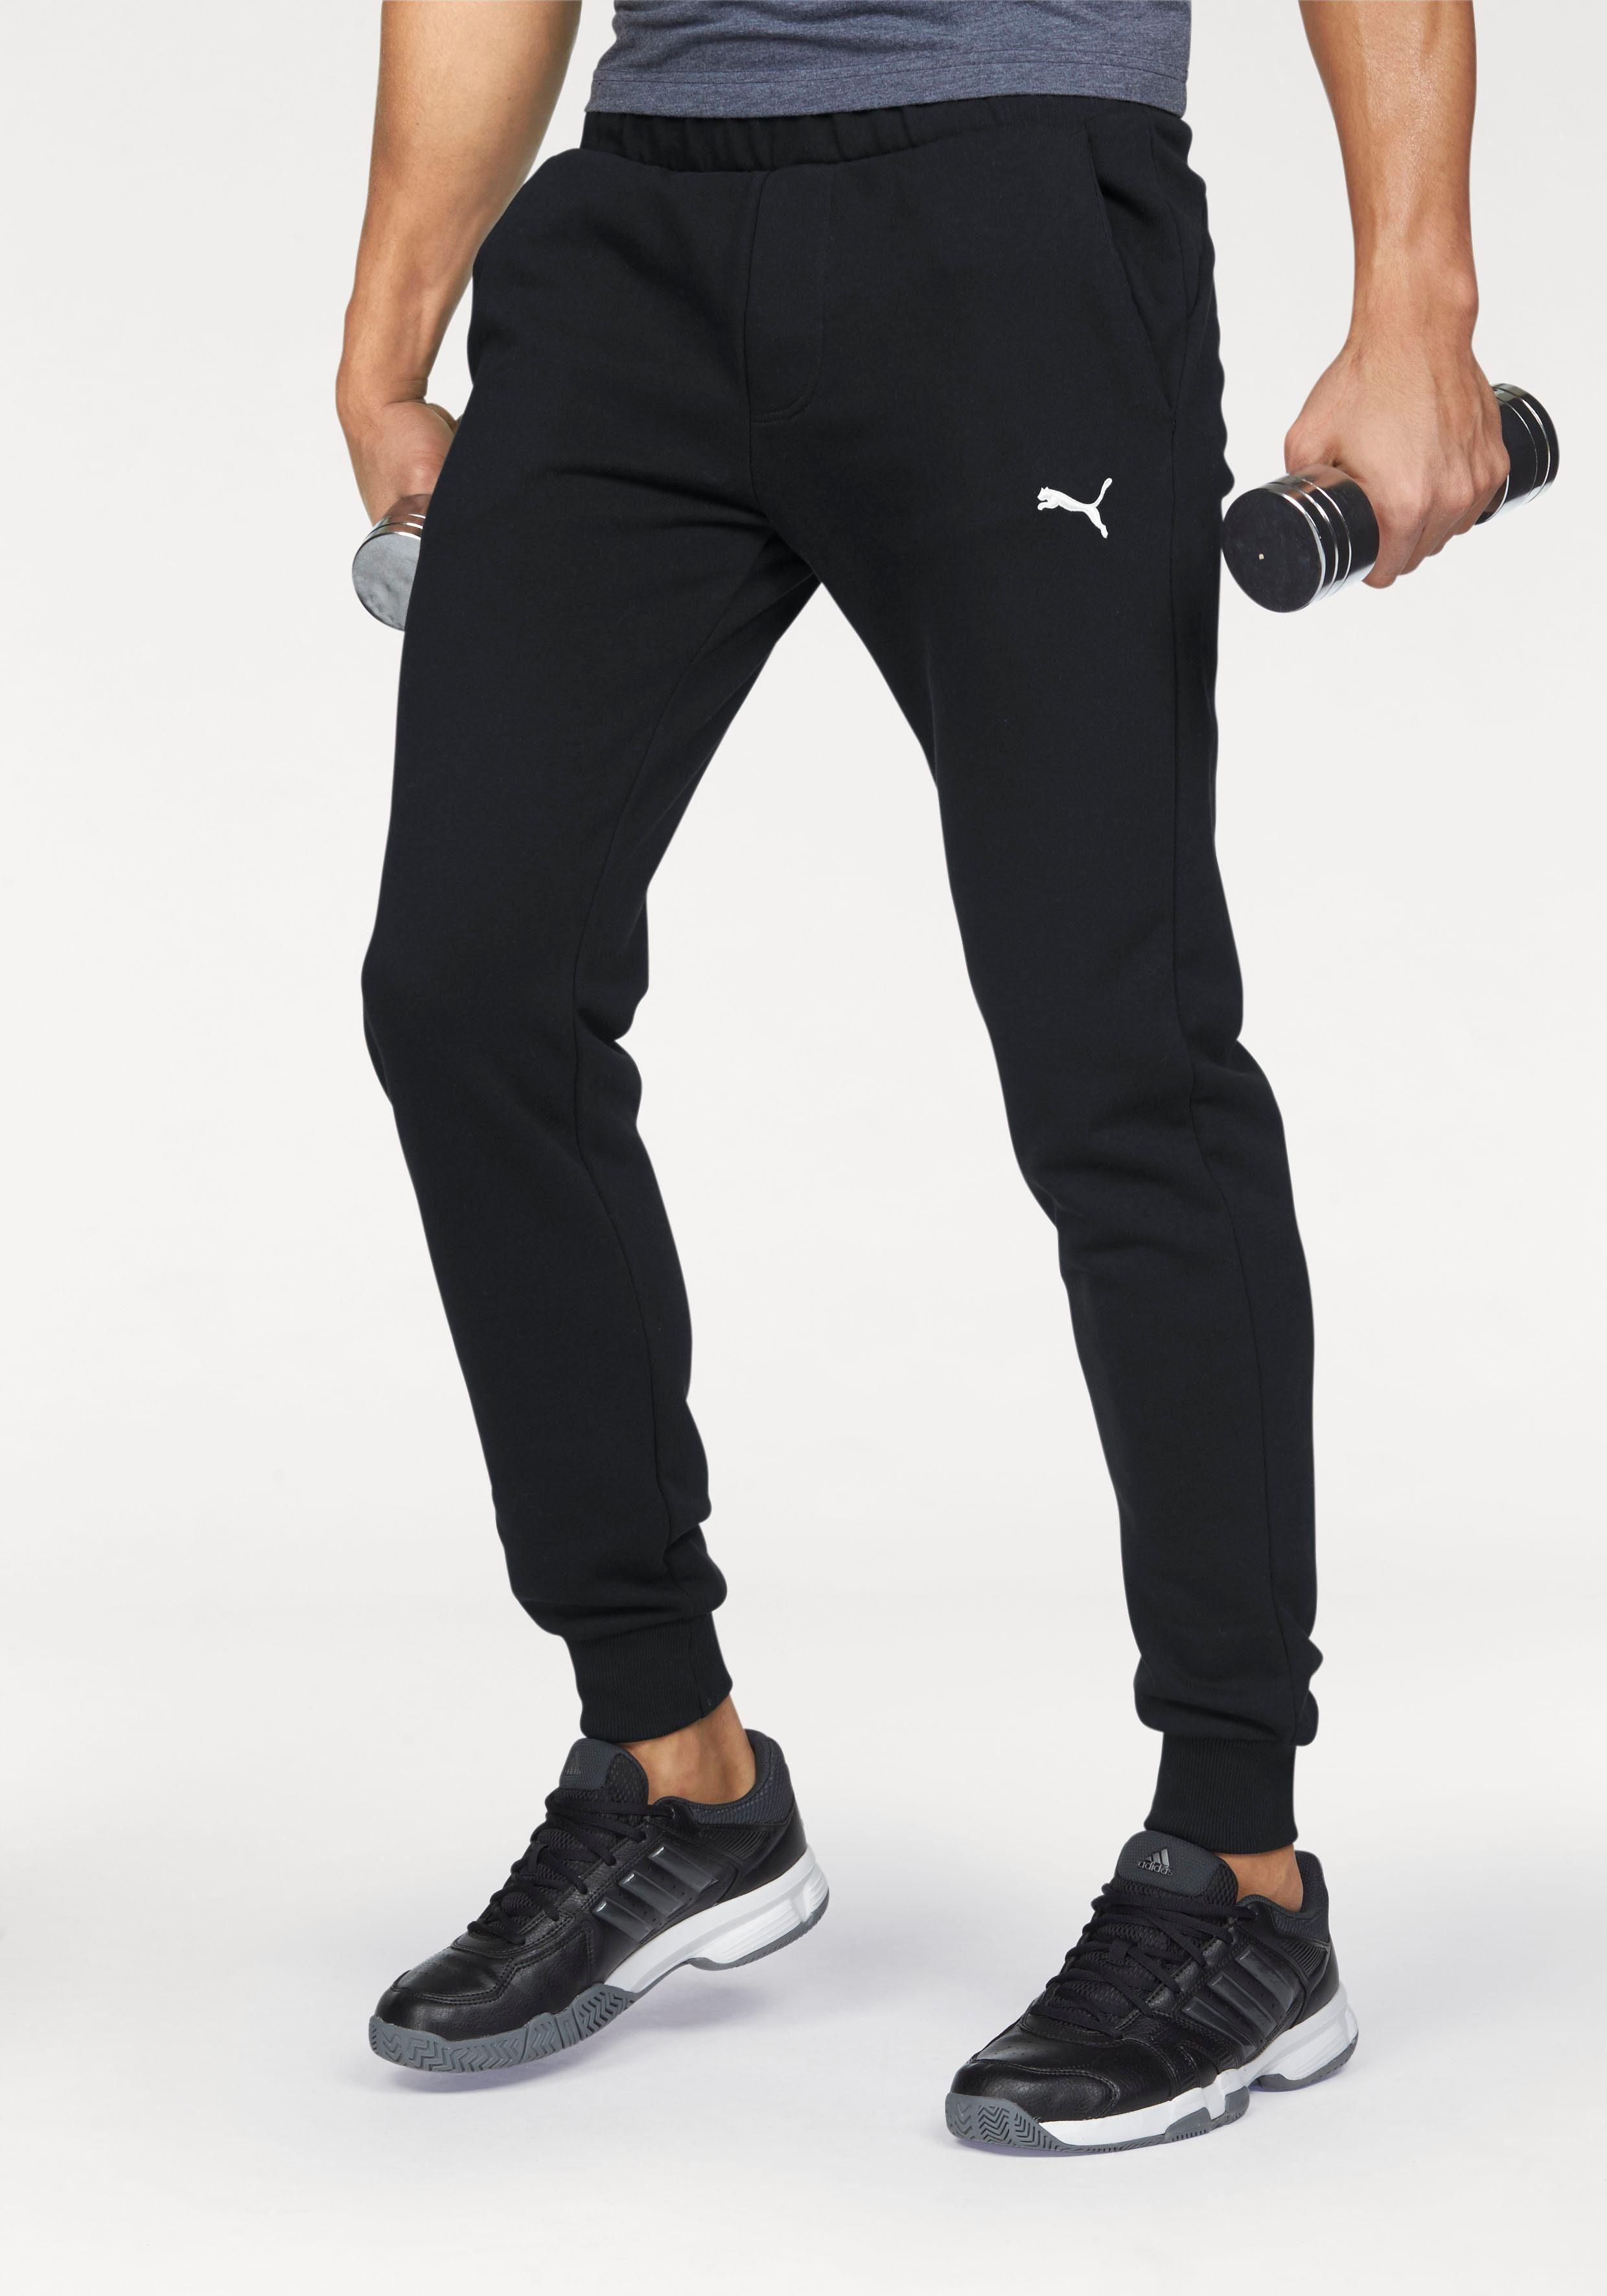 puma jogginghose weiss